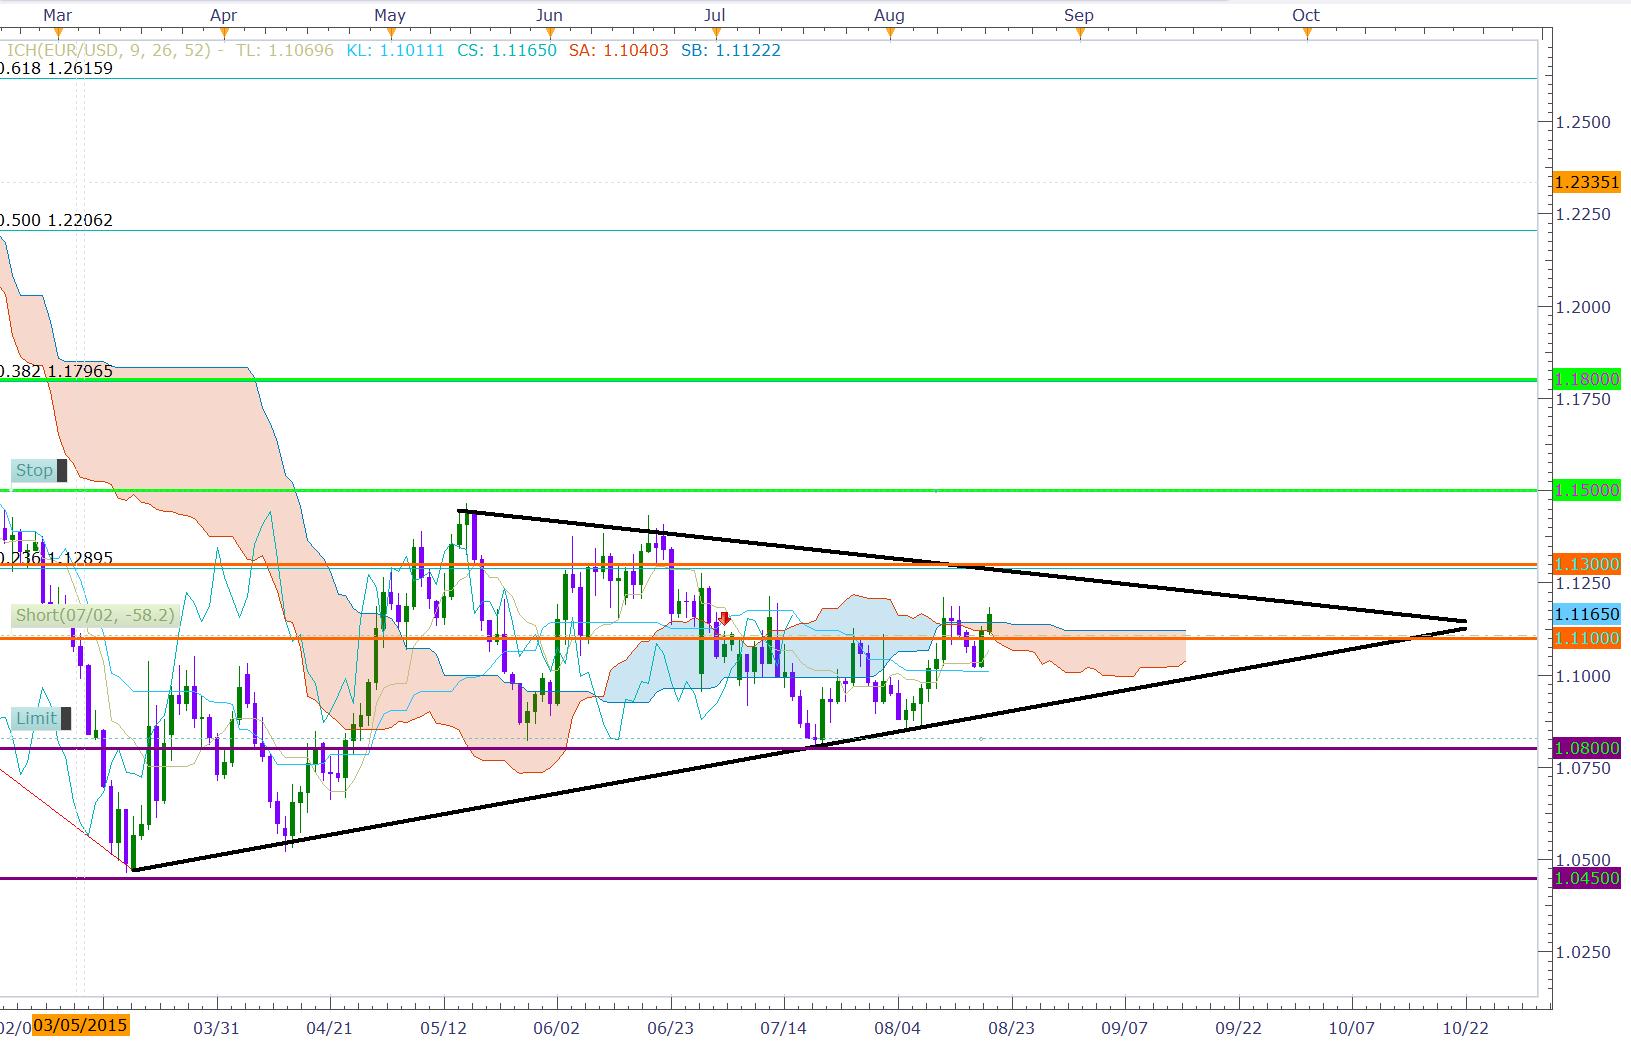 eurusd-forex-daily-chart-ichimoku-support-resistance-fibonacci-strategy-trading3.png